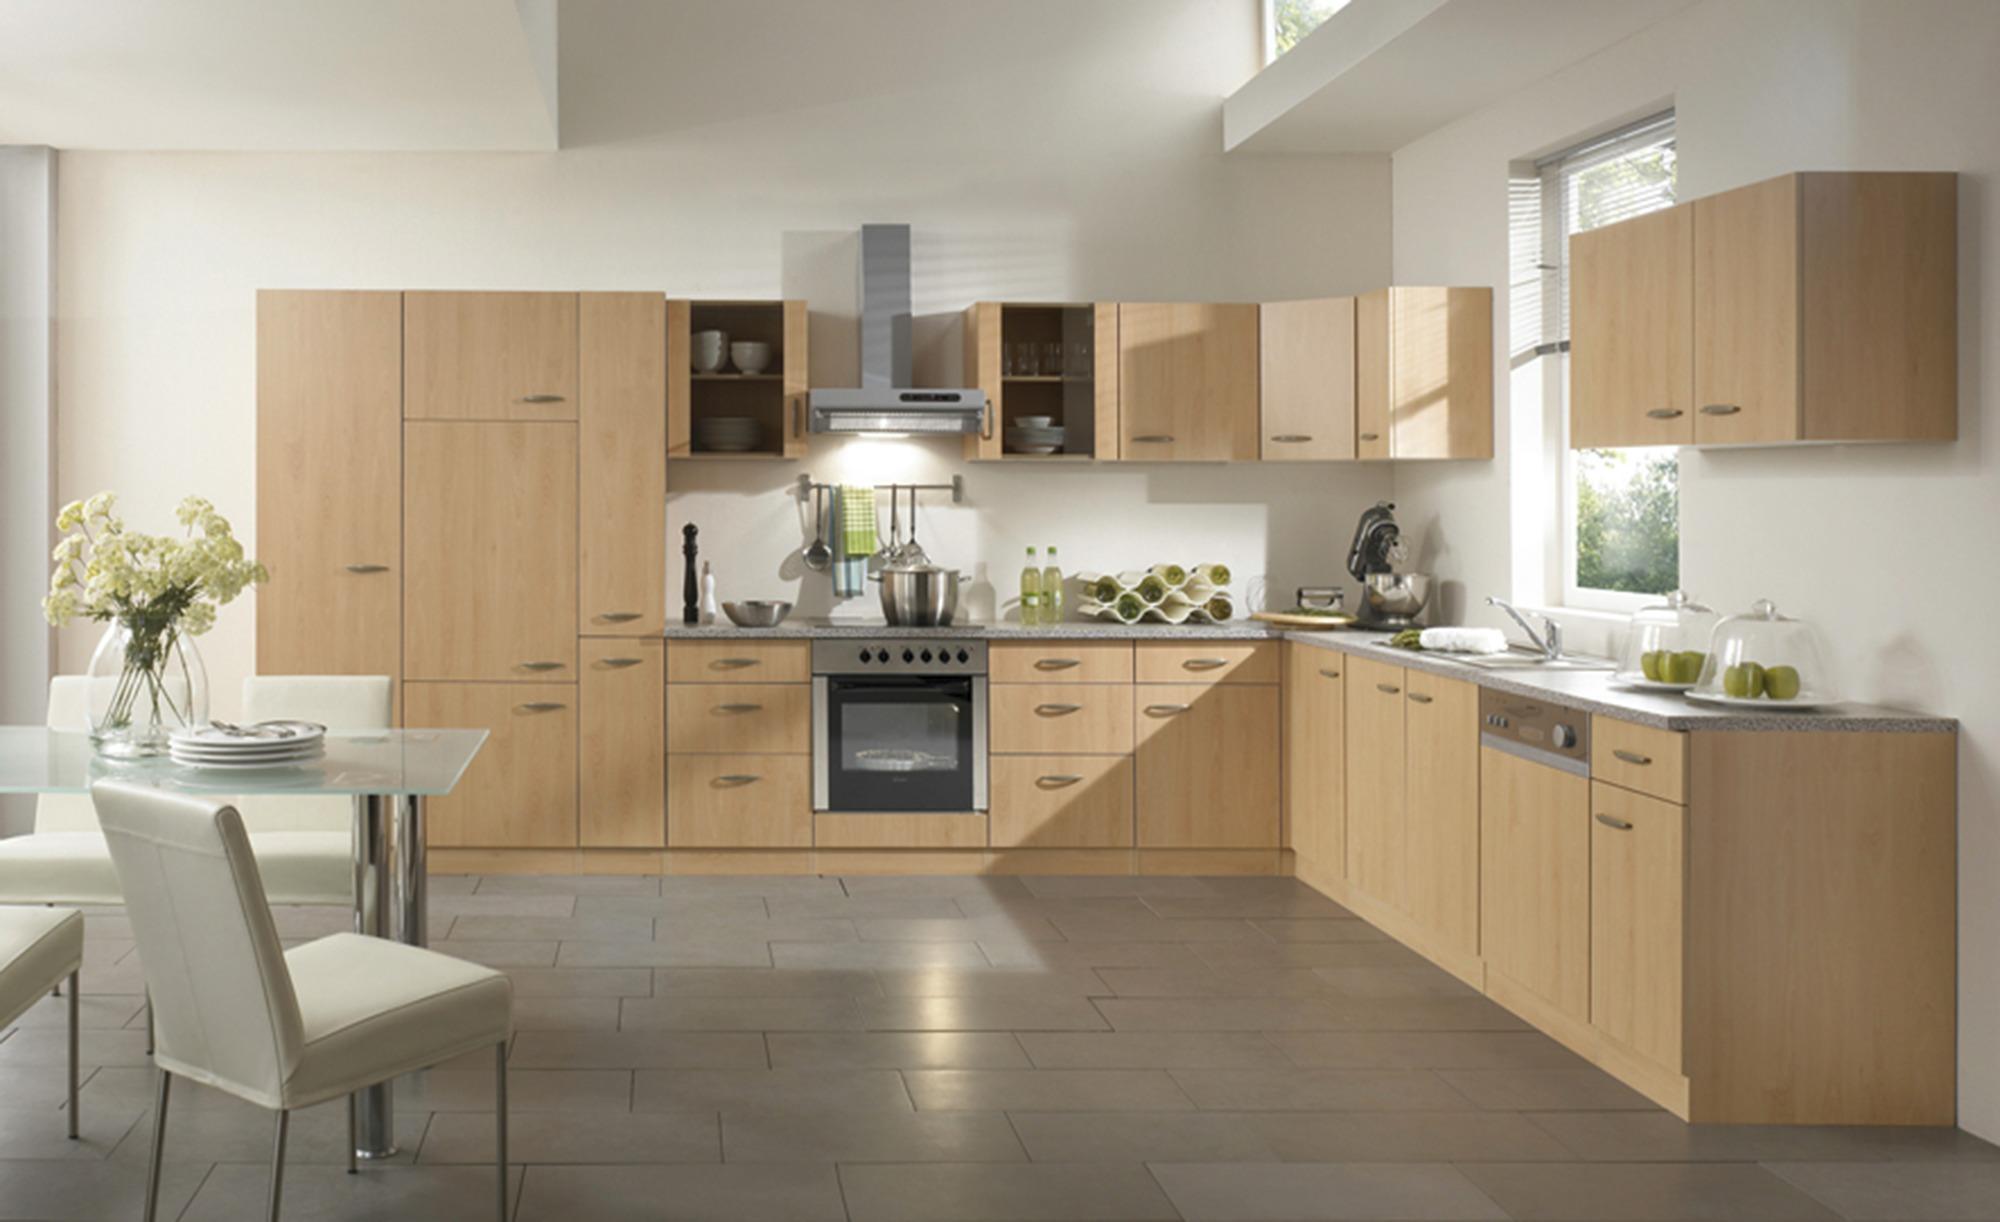 Full Size of Unterschrank Küchen Regal Wohnzimmer Sconto Küchen